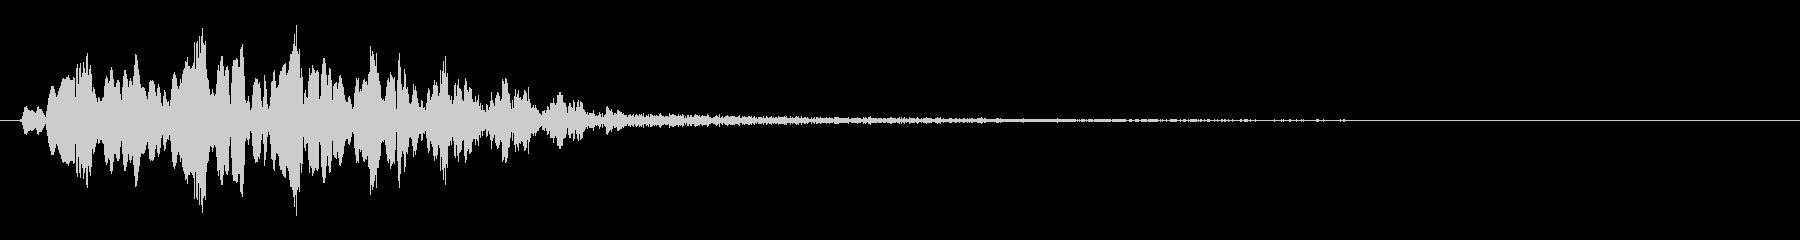 不思議、閃きなどのイメージ(キュルル)の未再生の波形